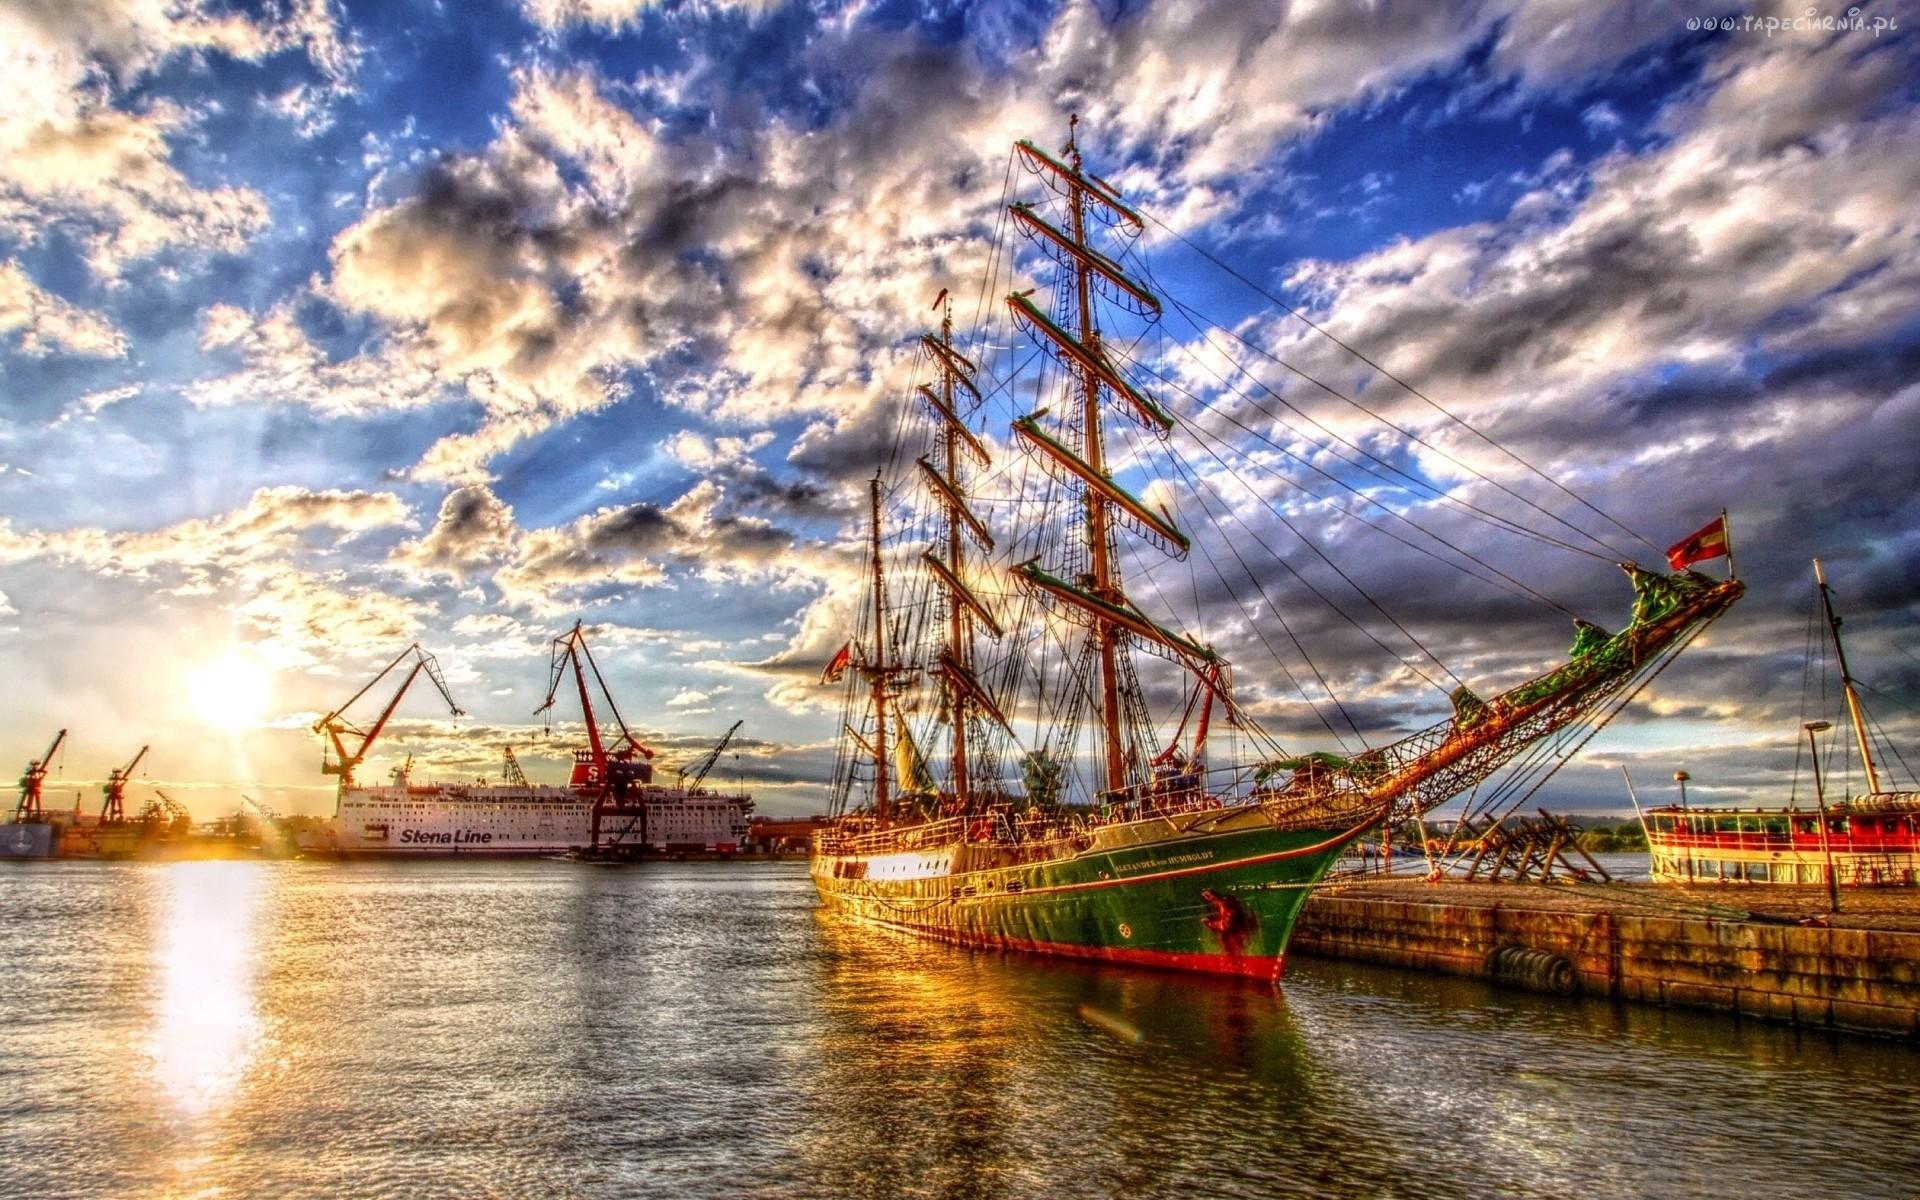 186485_statki_zaglowiec_port_chmury